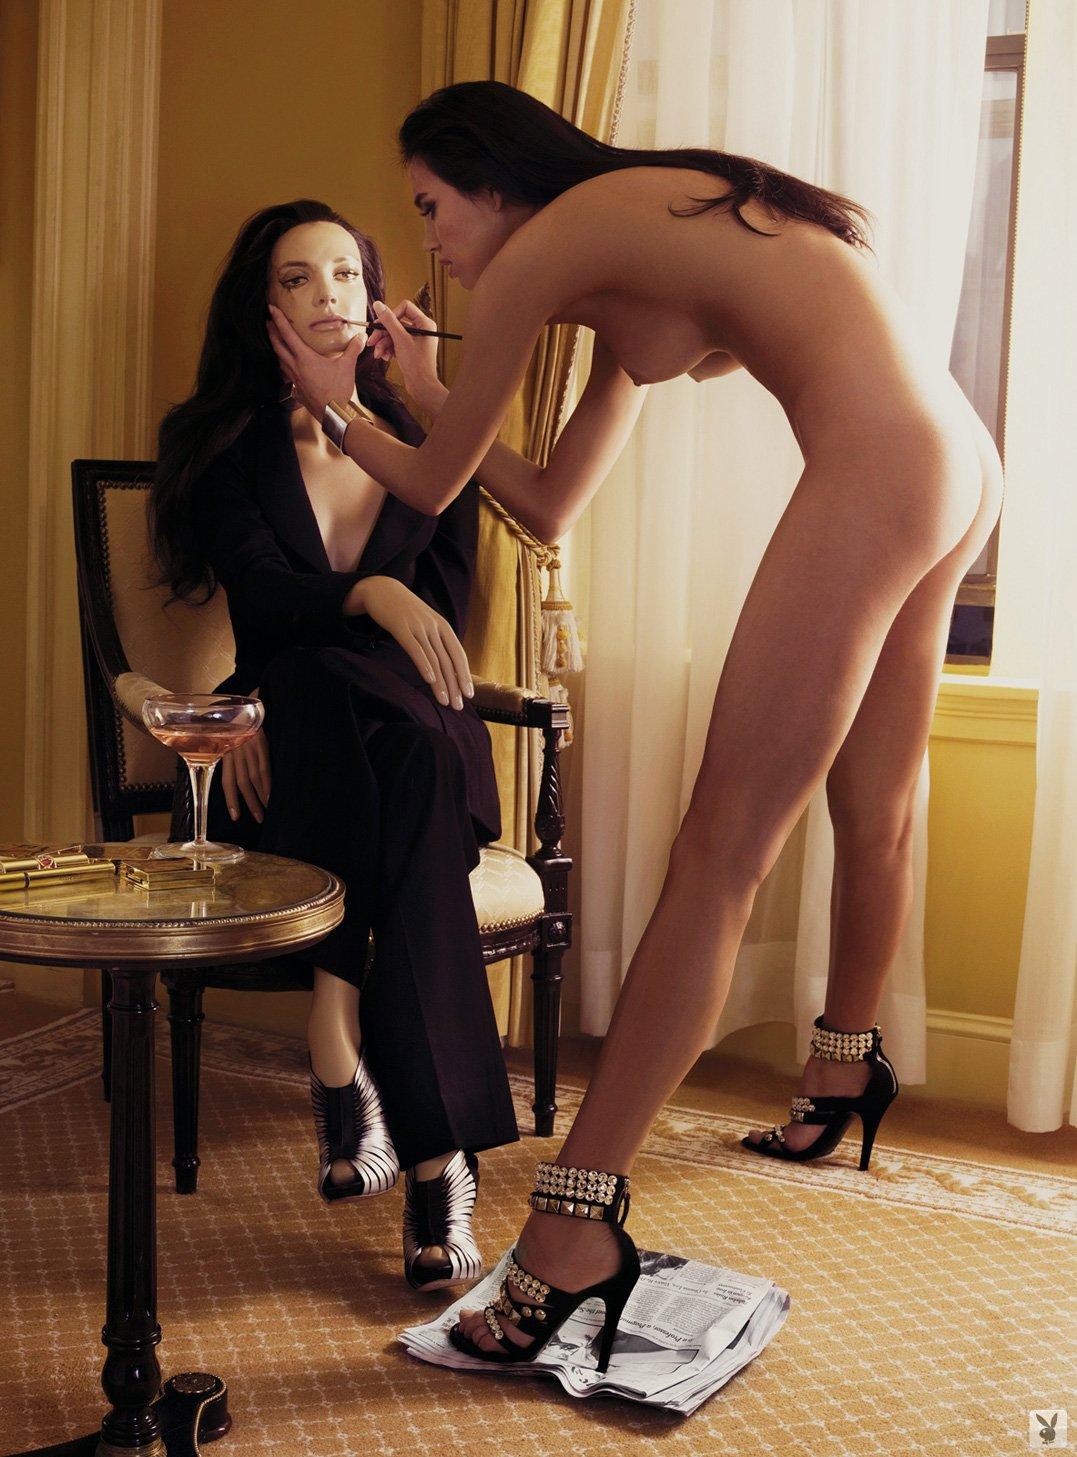 Алина Пушкау / Alina Puscau in Playboy Magazine november 2009